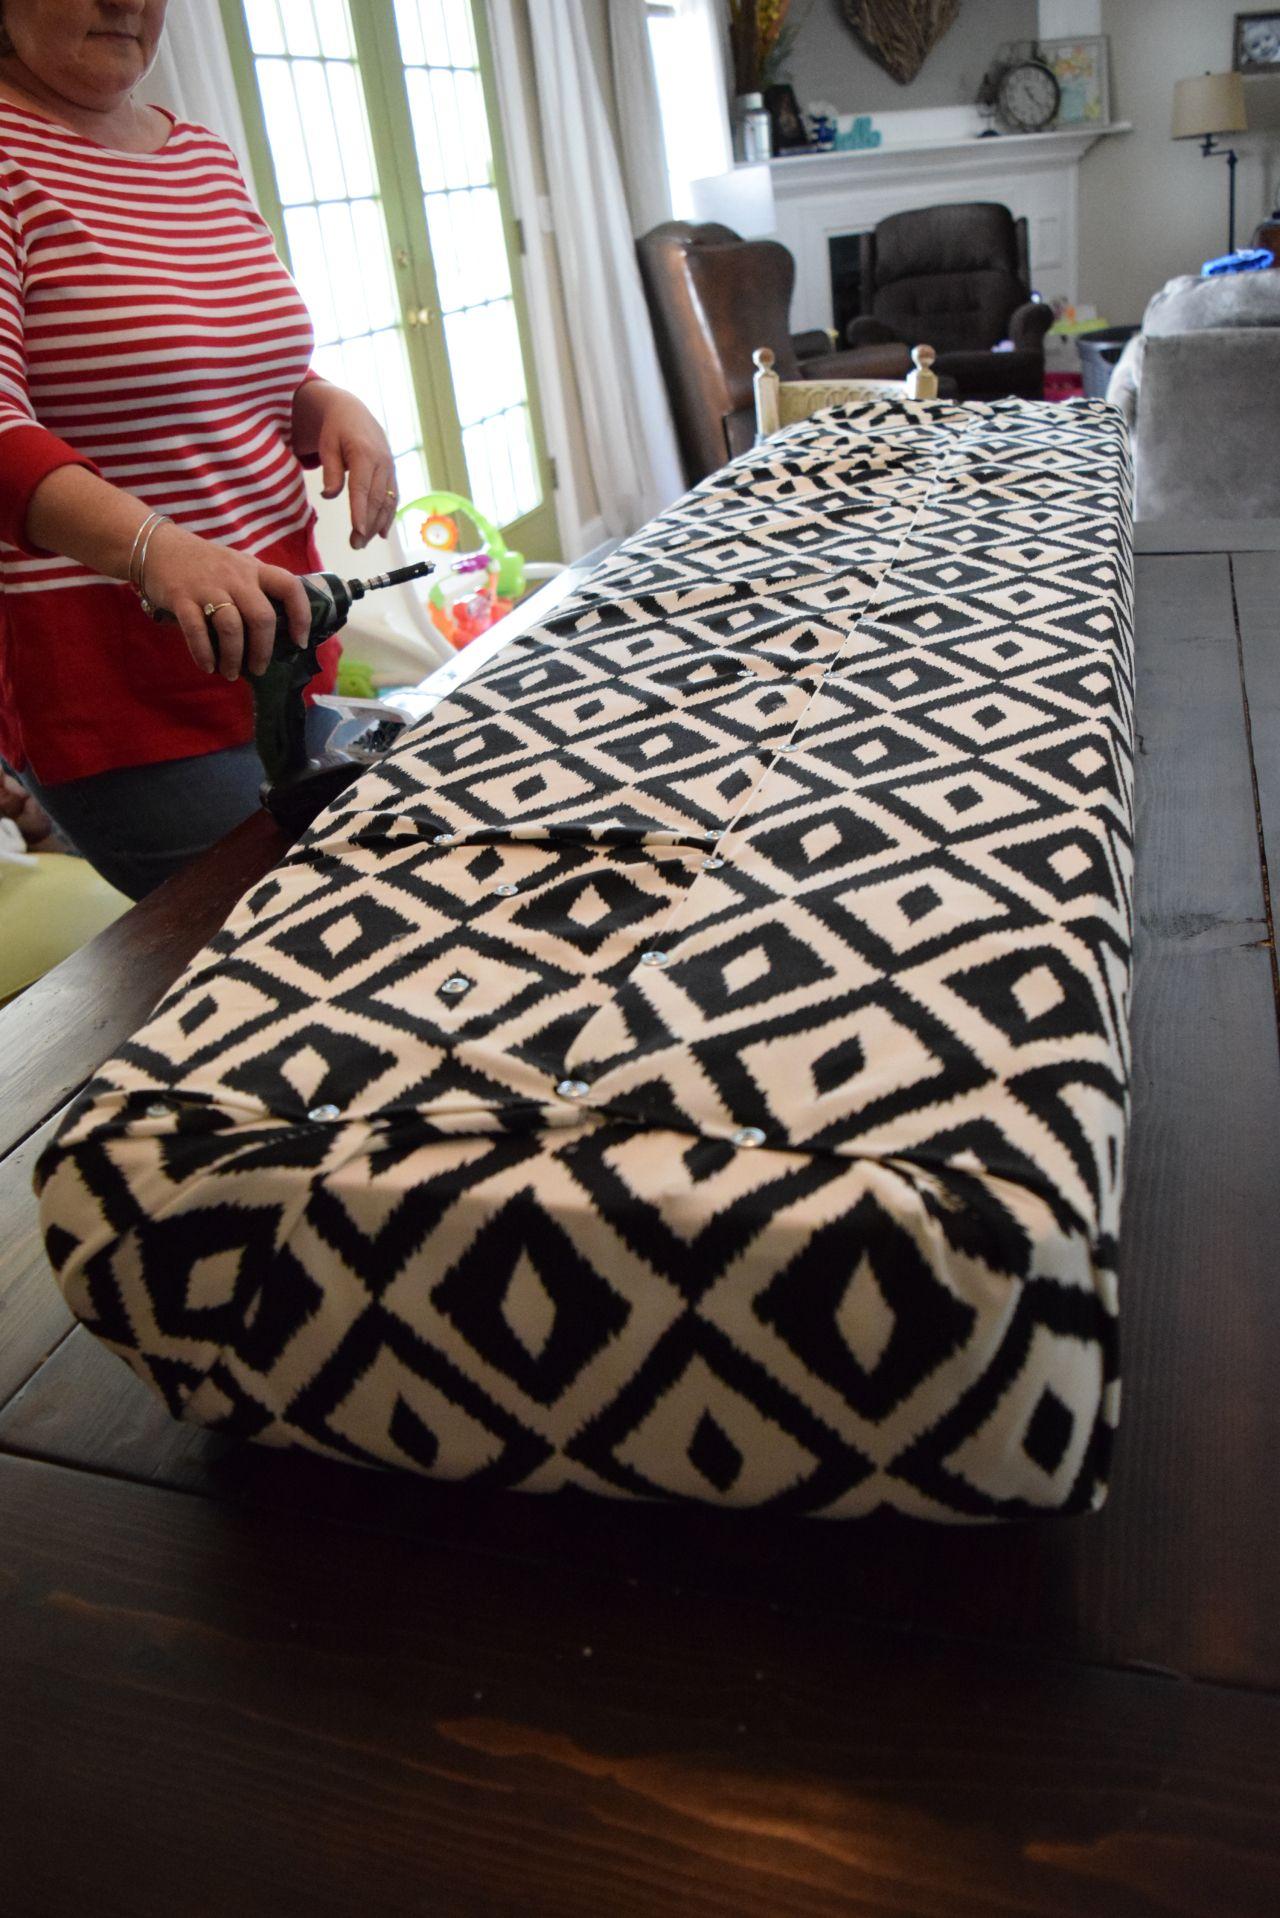 Reupholstering Rv Jackknife Sofa Camping Pinterest Rv Rv